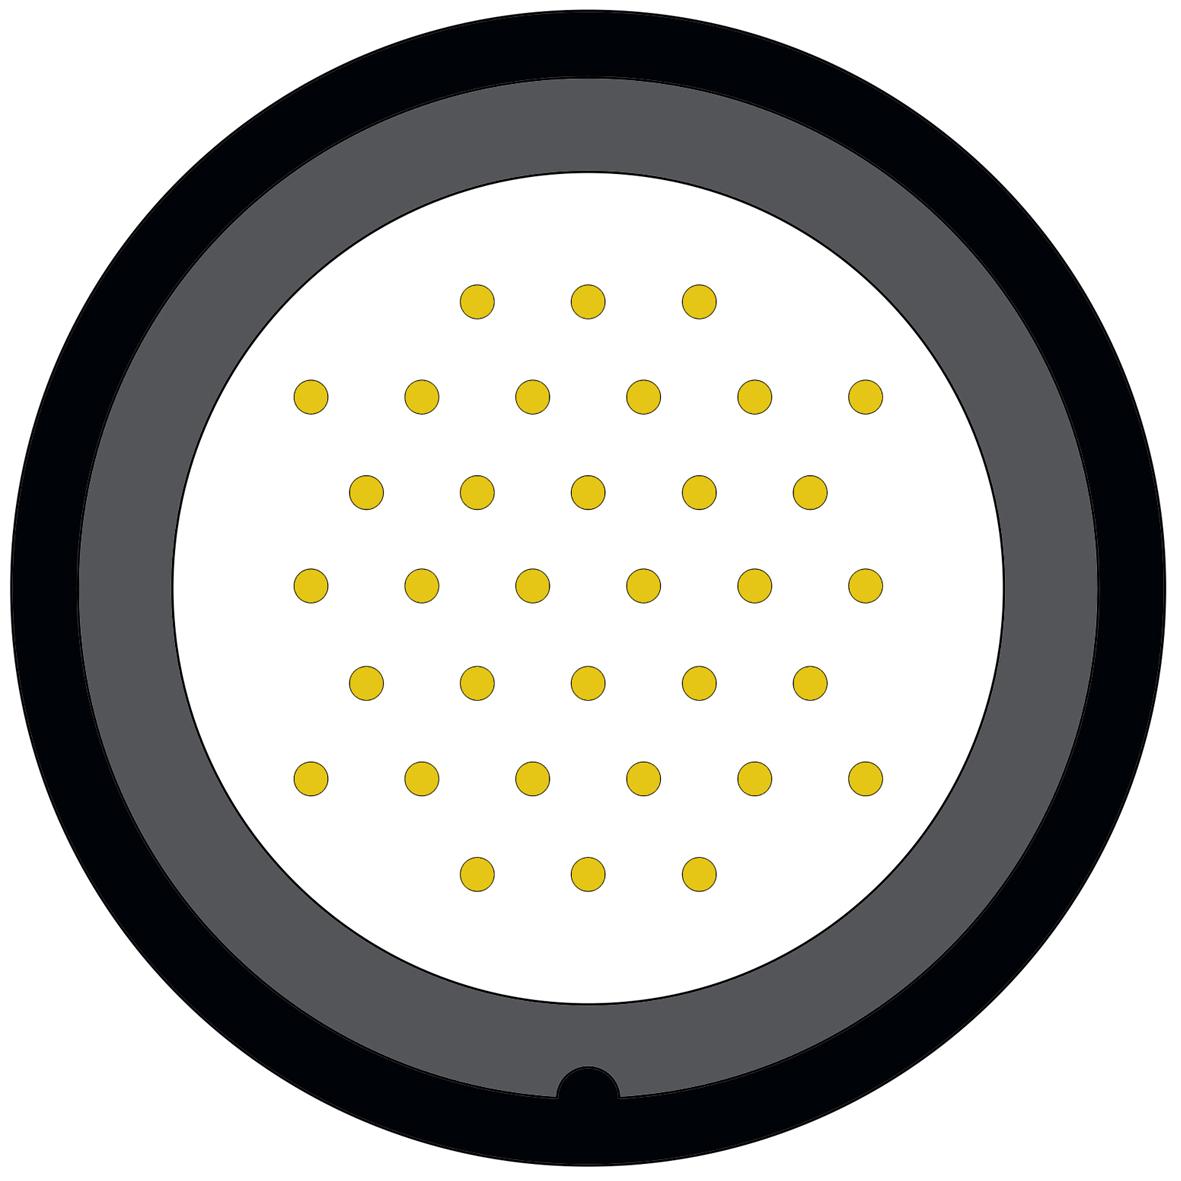 434CD (2) 34 way connector